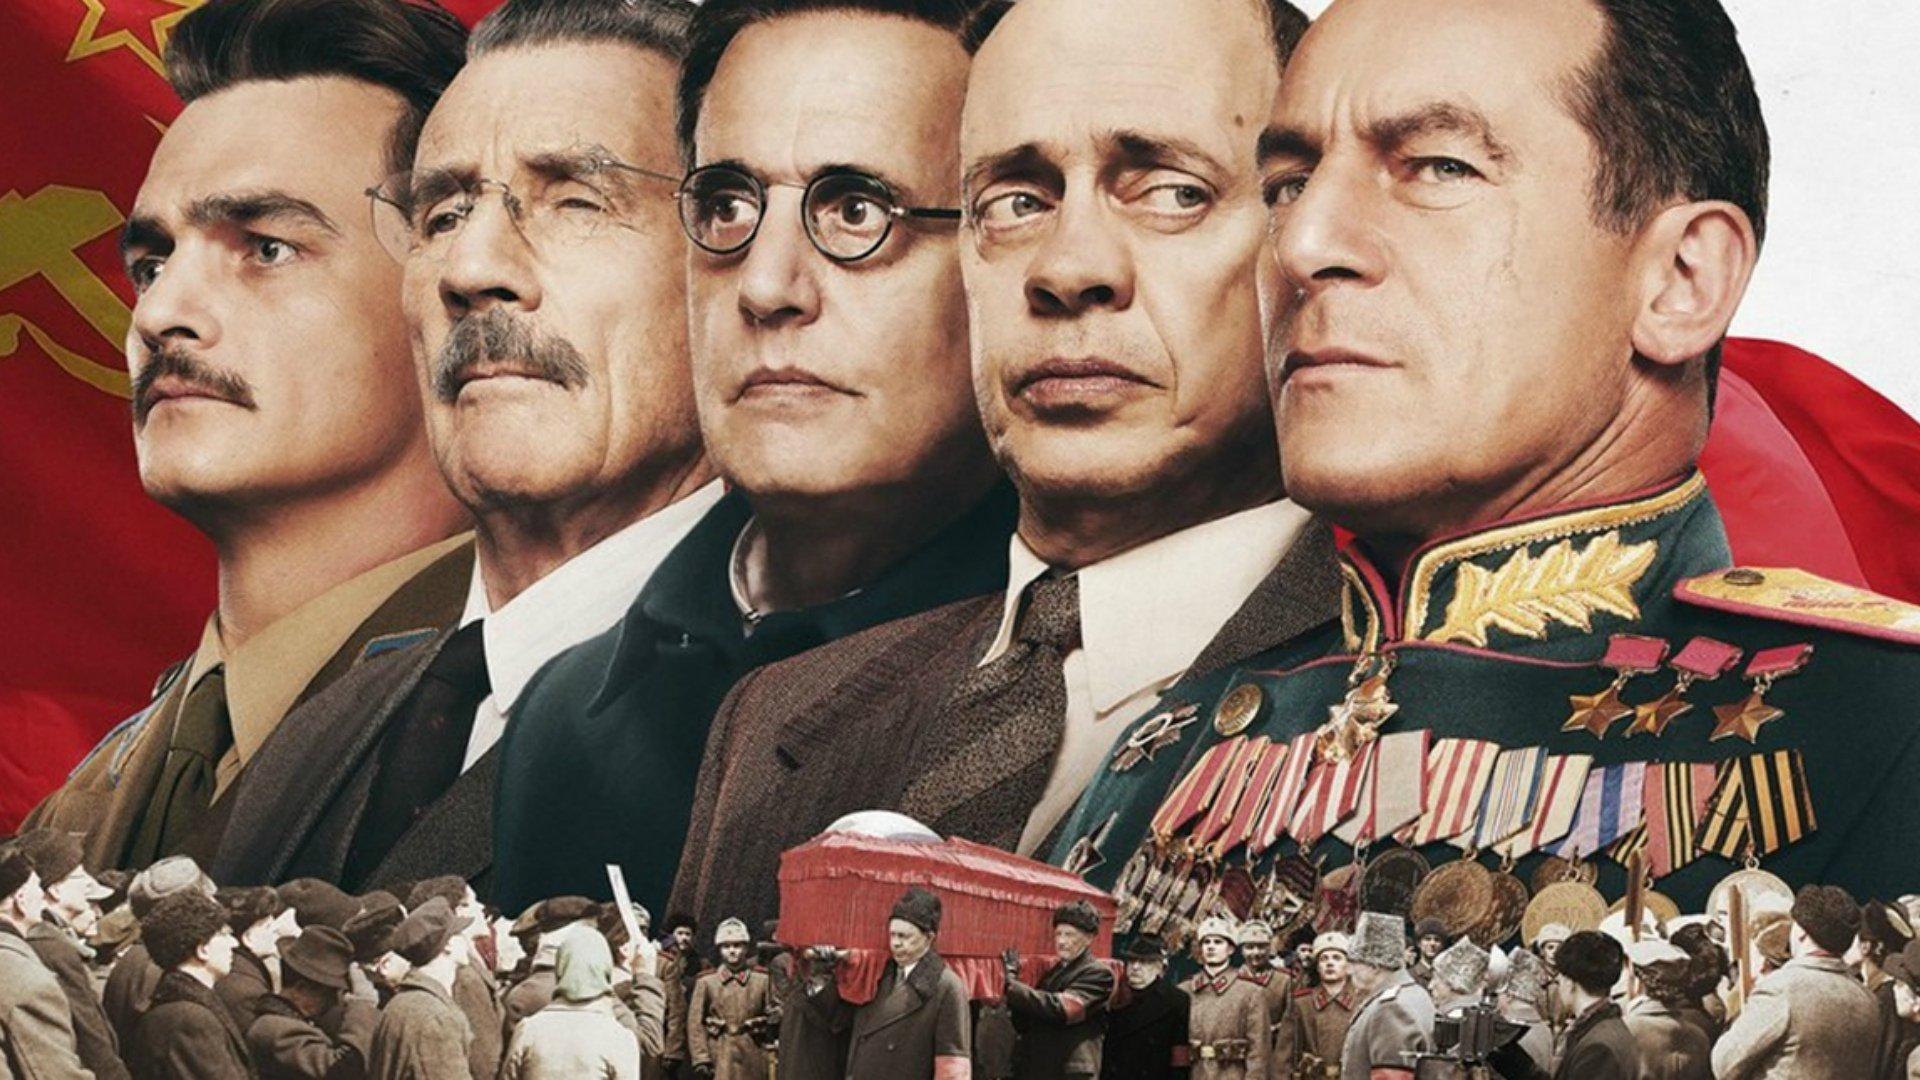 На Минкульт подали в суд из-за запрета фильма Смерть Сталина